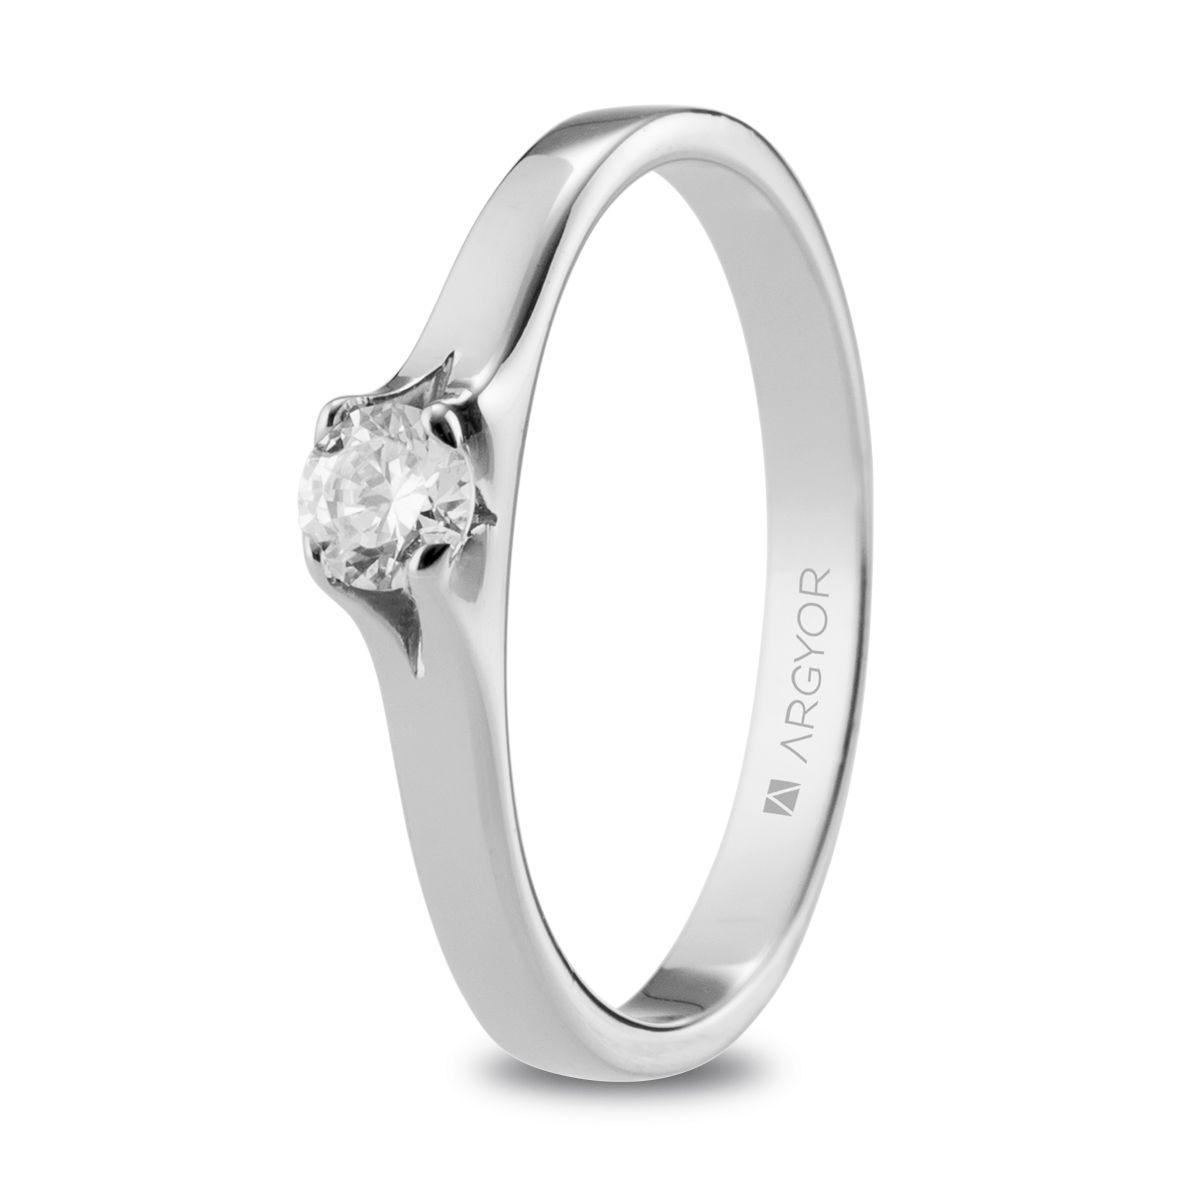 d1527ac721e2 Anillo de compromiso Argyor o. blanco 1 diamante 0.20ct. Sortija con un  diamante